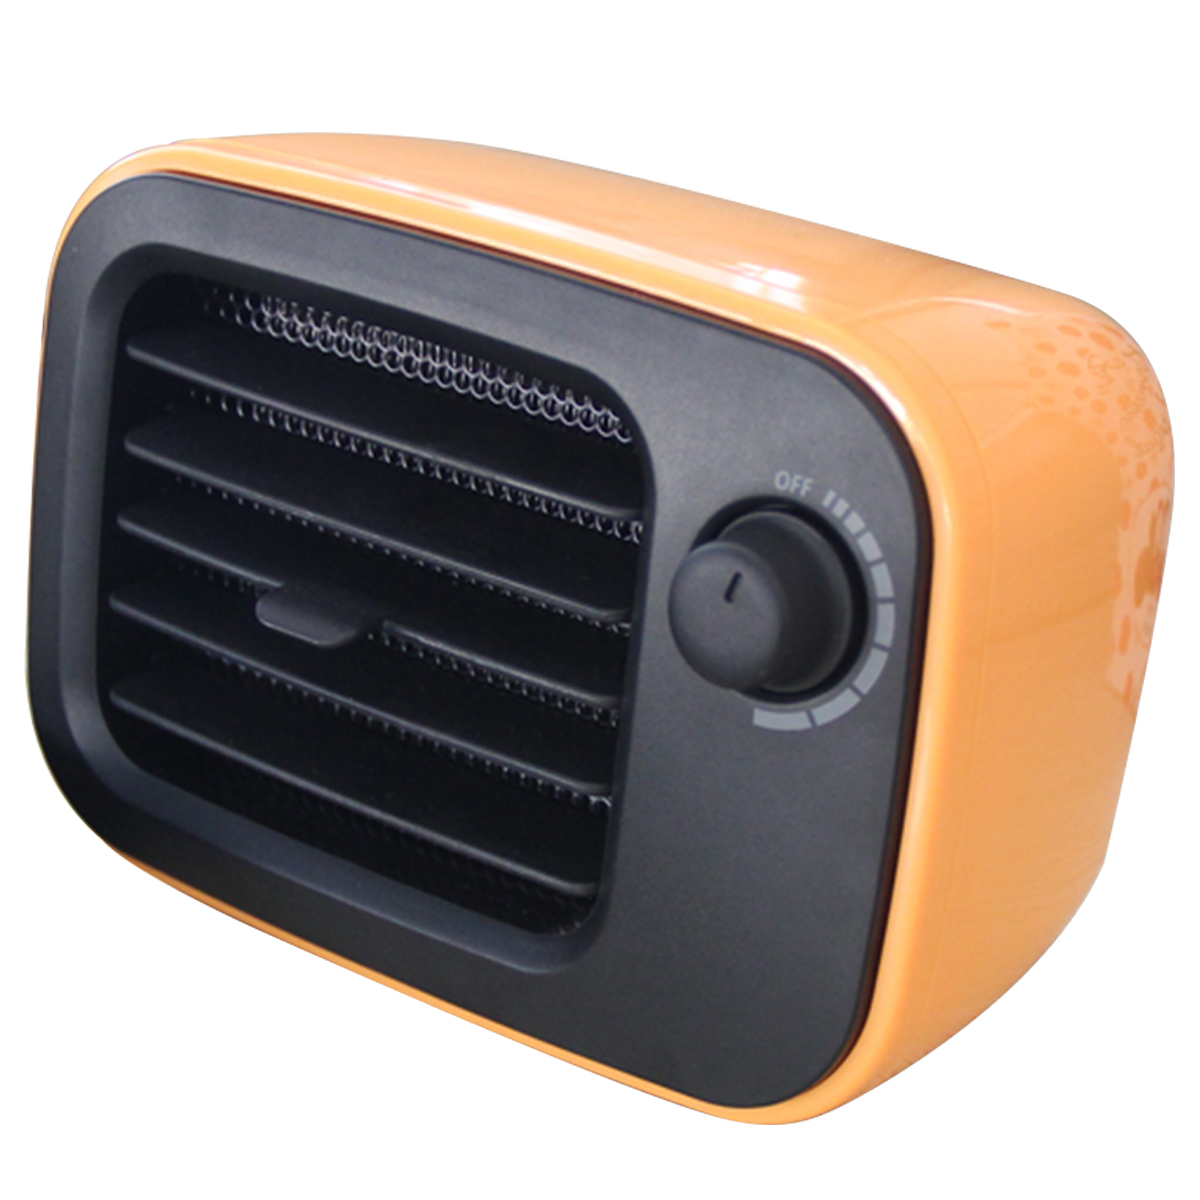 Портативный мини подключаемый тепловентилятор 500 Вт PTC Электрический обогреватель пространства для домашнего офиса Оранжевый/США штекер